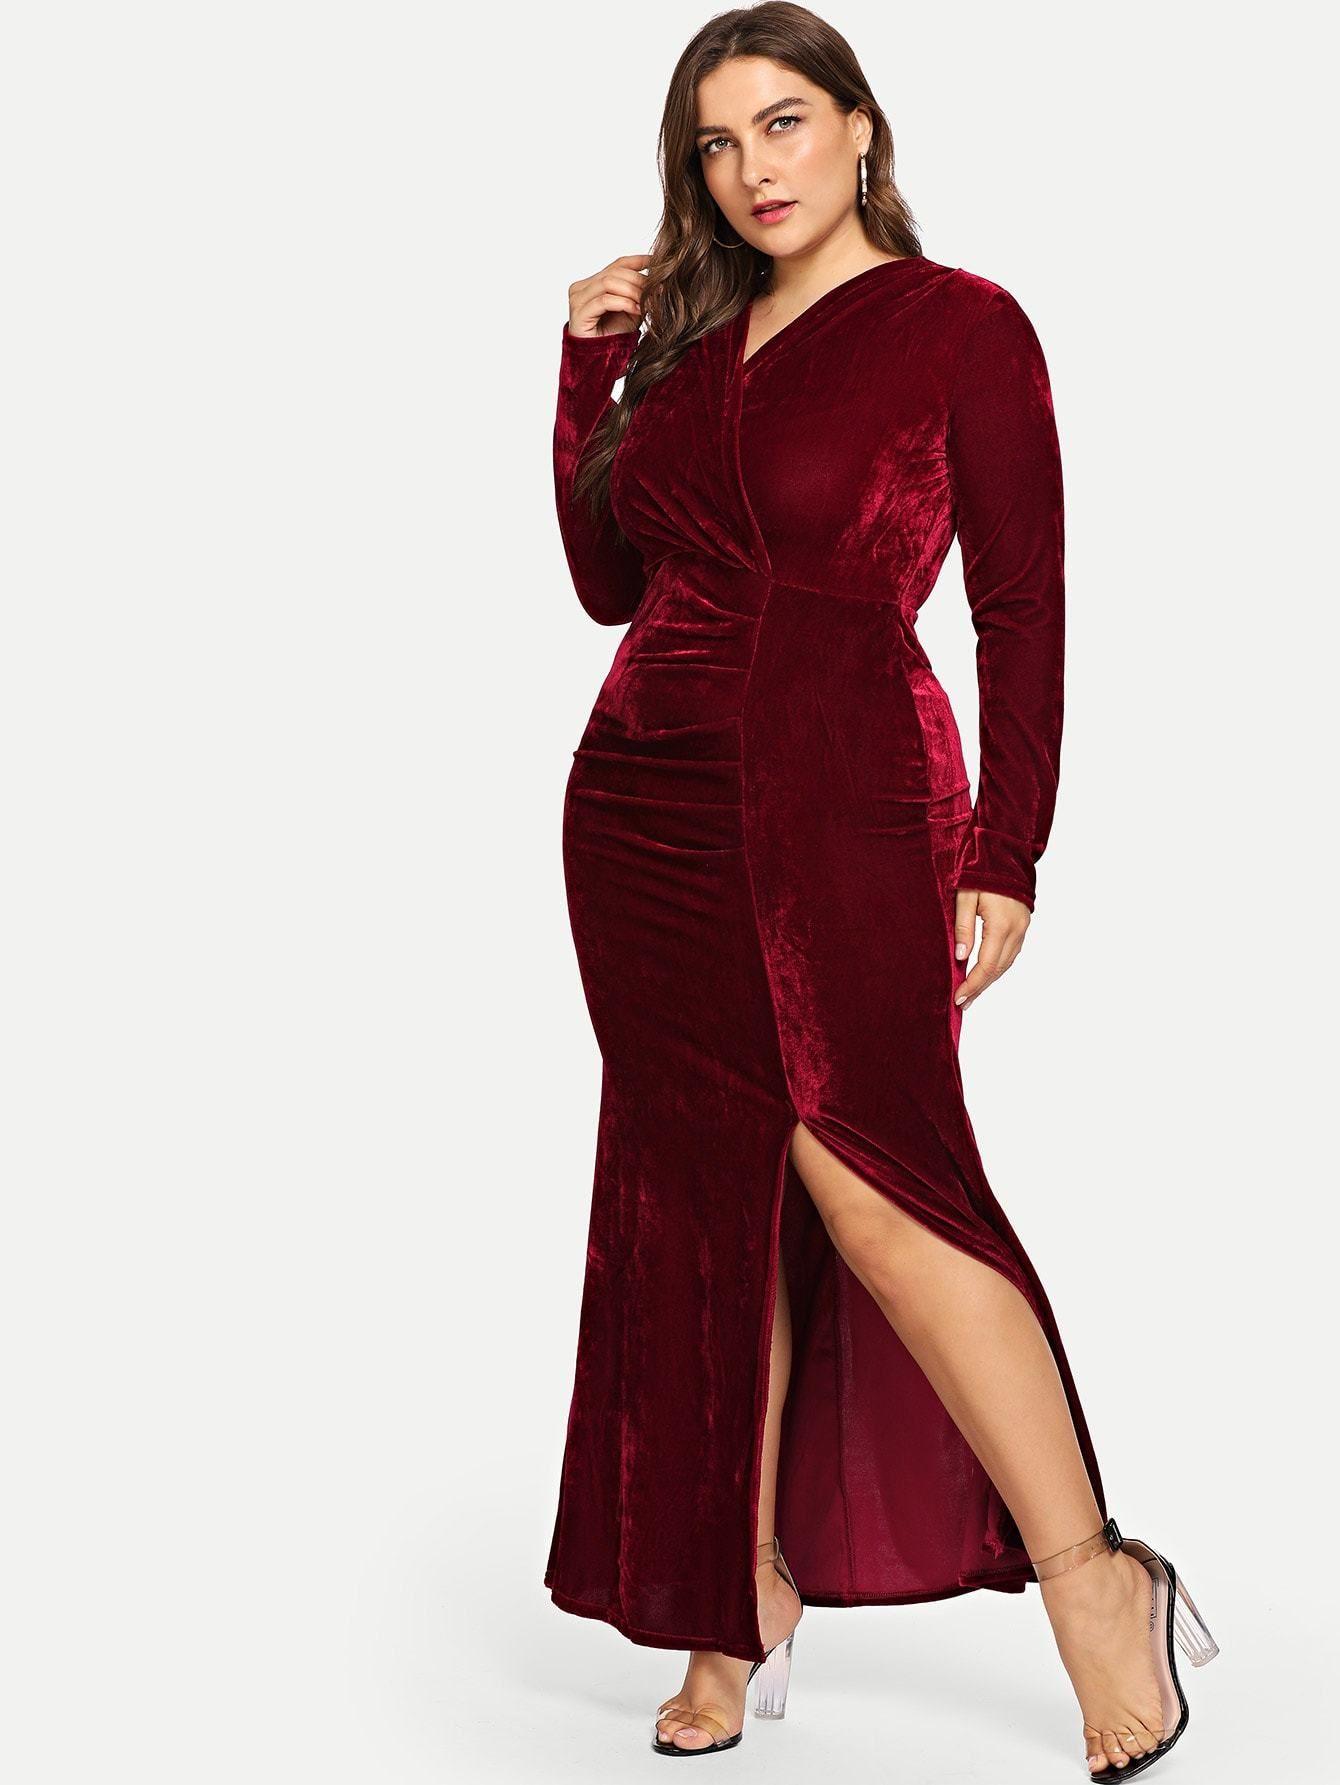 865913c56fe Plus Size Split Hem Burgundy Velvet Party Dress Multi Sizes FREE ...